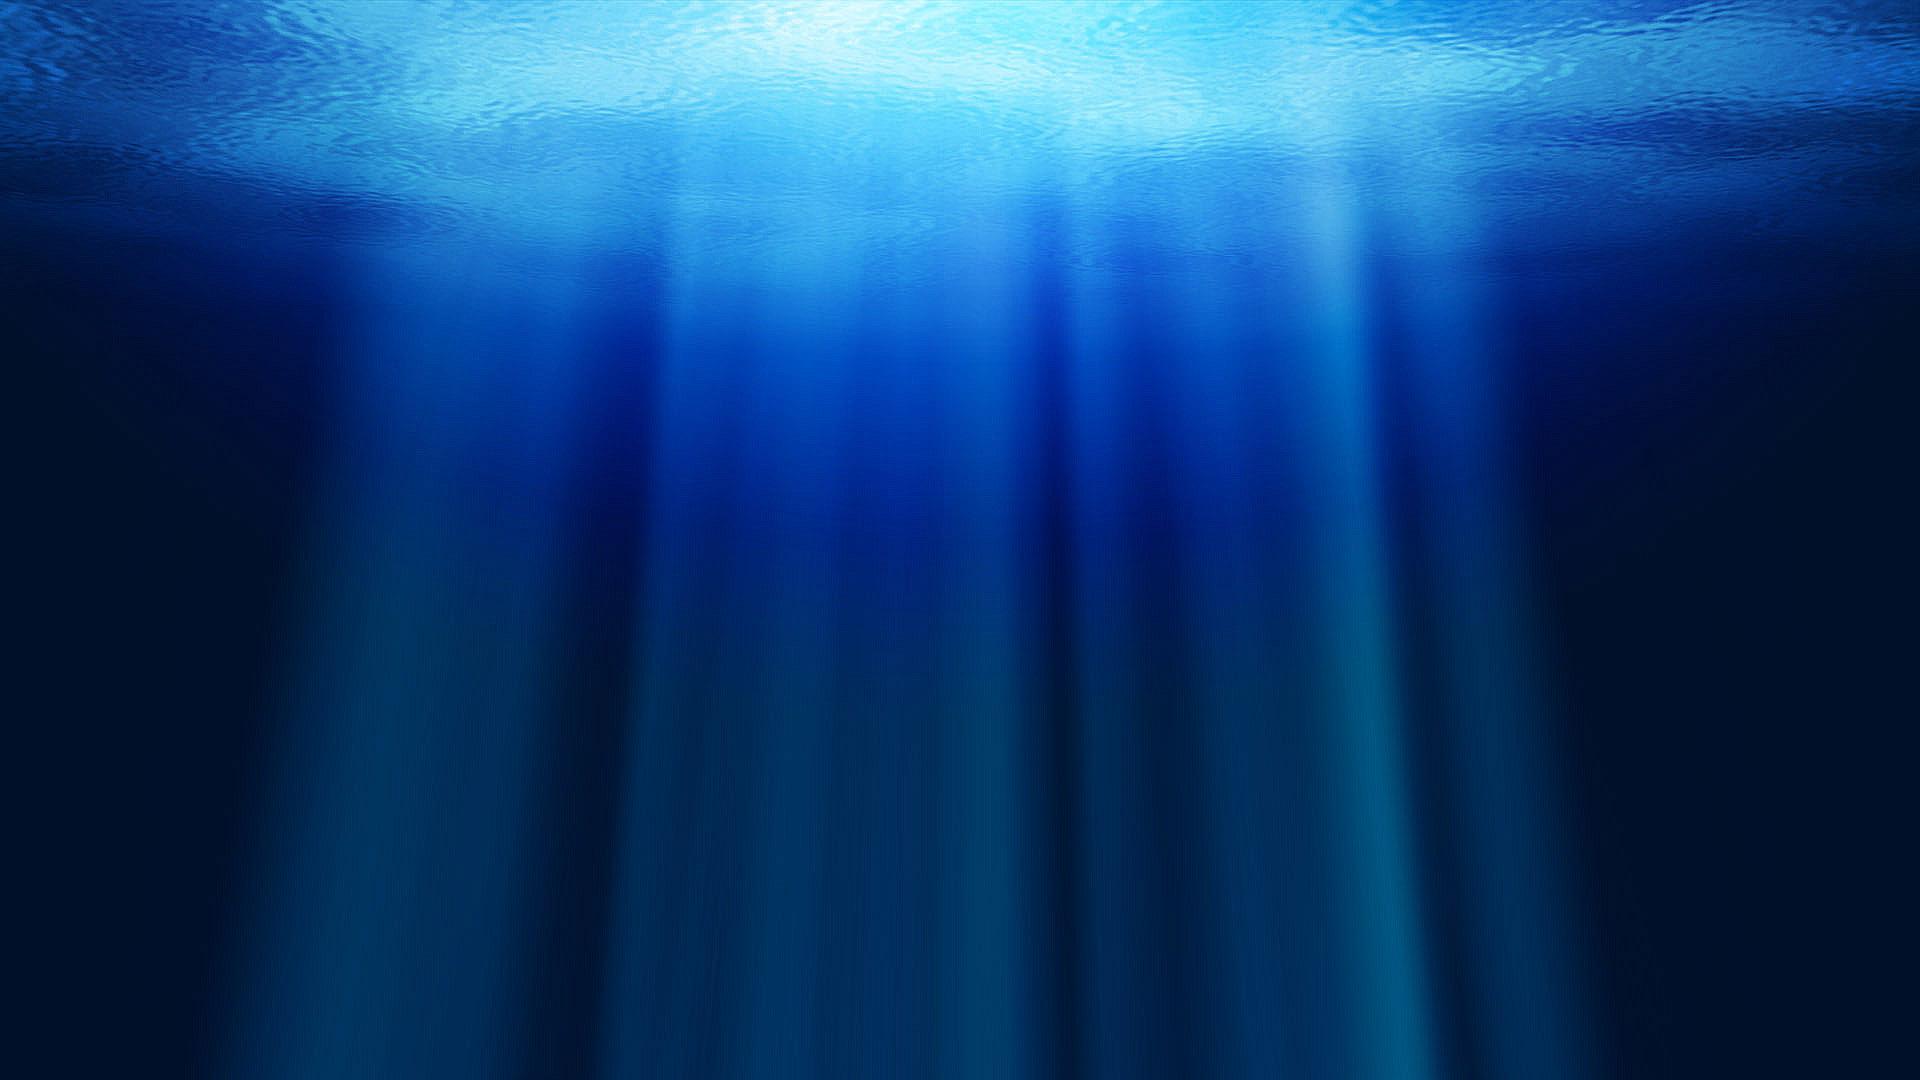 Deep Sea wallpaper   224489 1920x1080